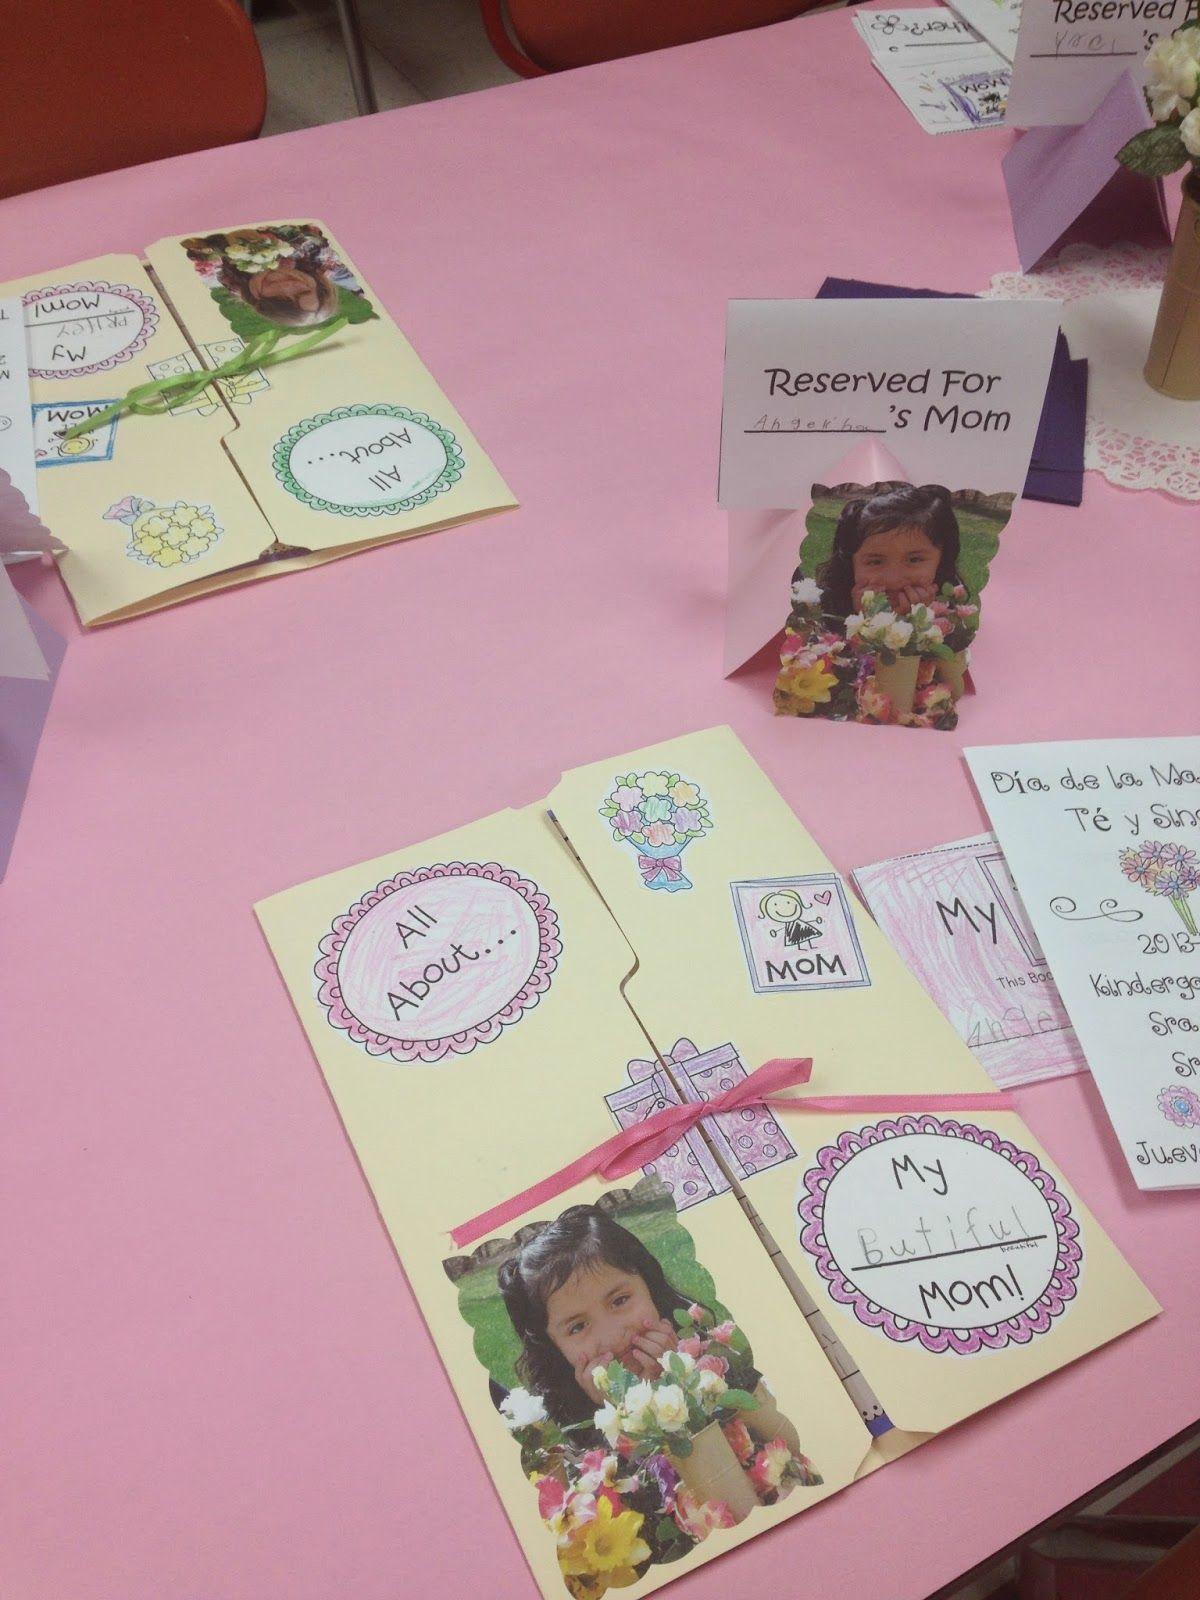 Crayons Amp Cuties In Kindergarten Mother S Day Lapbook